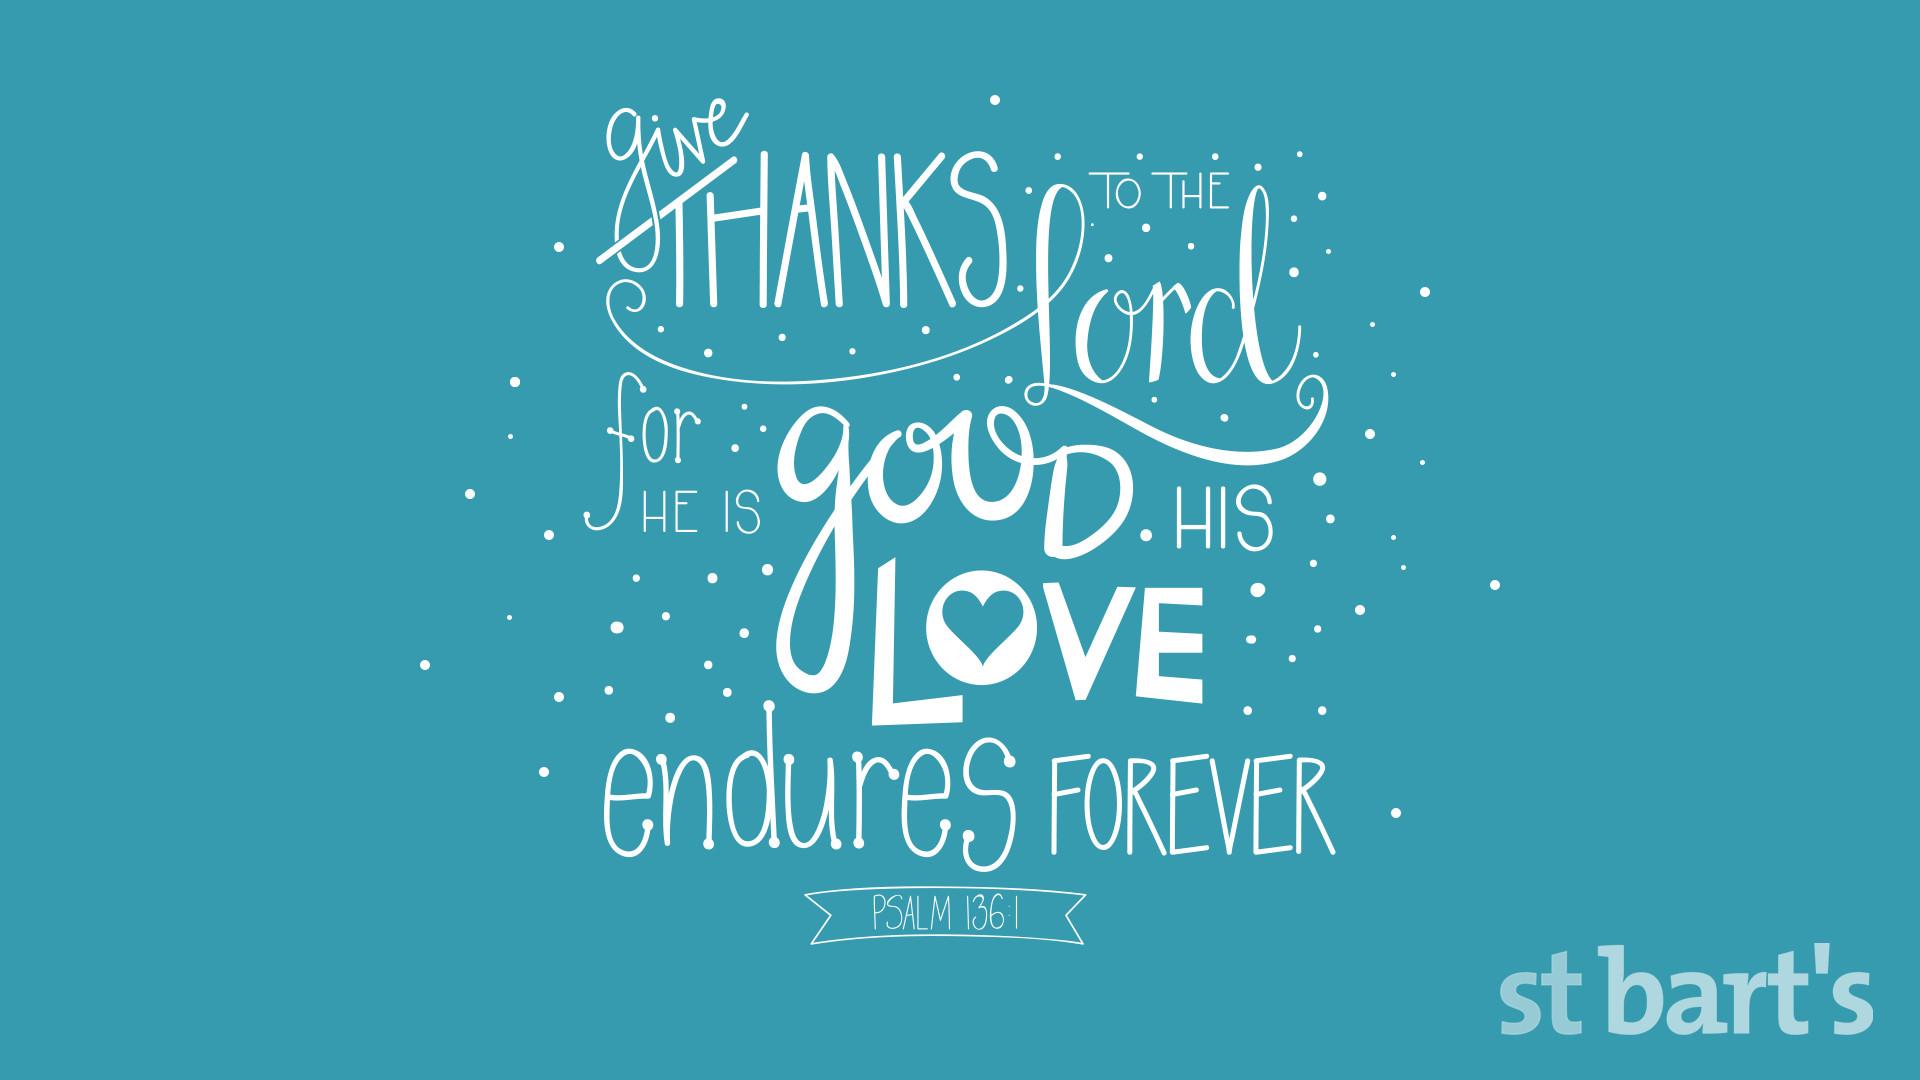 A Call to Gratitude